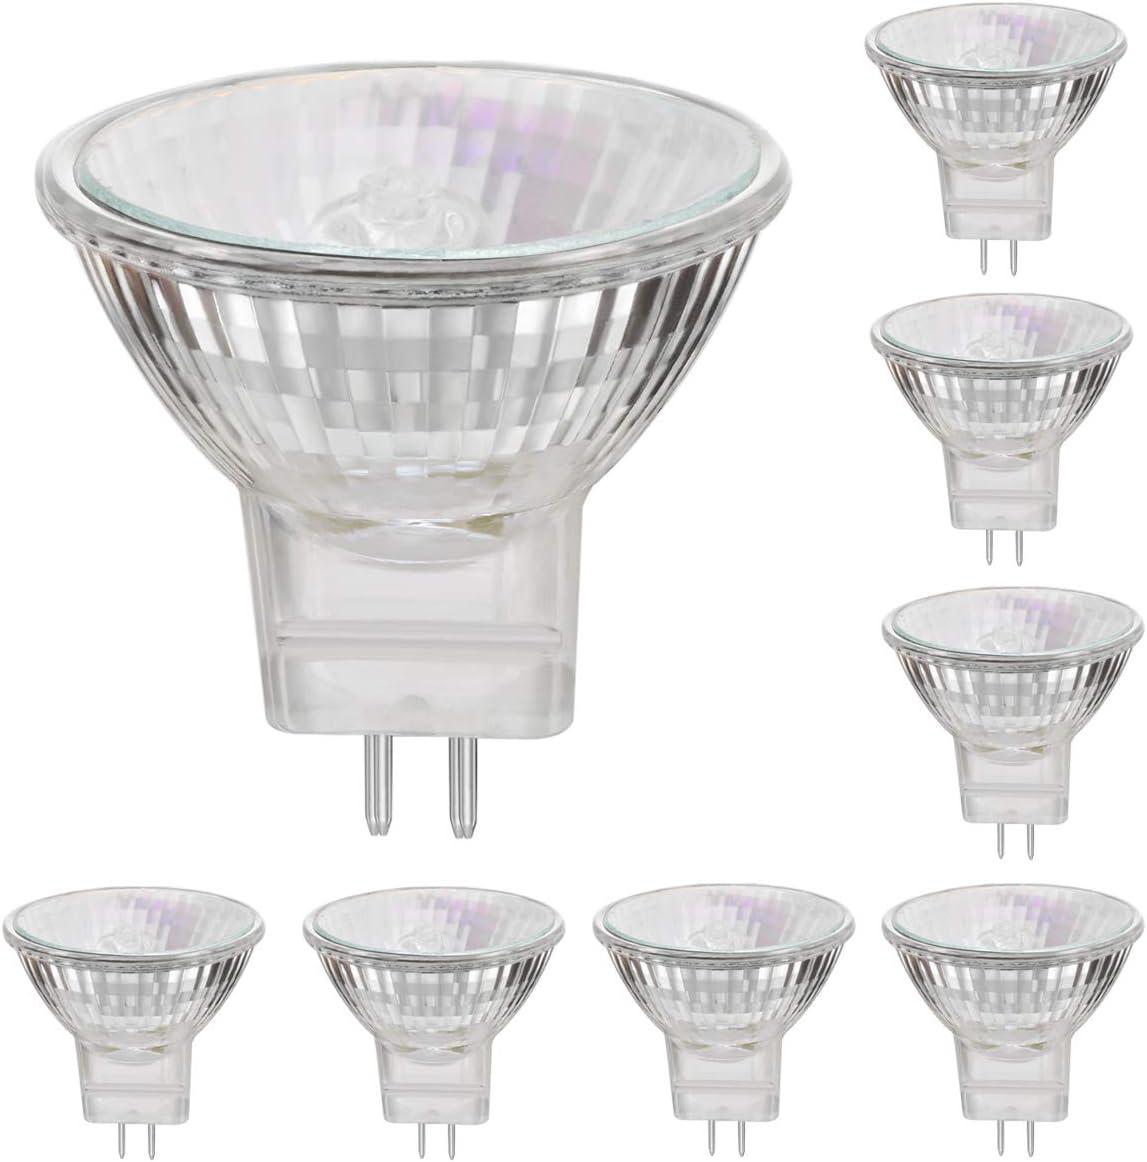 lámparas halógenas MR11 12V 20W reflector GU4 base spot 2800K blanco cálido, regulable 4000 horas de larga duración - paquete de 8